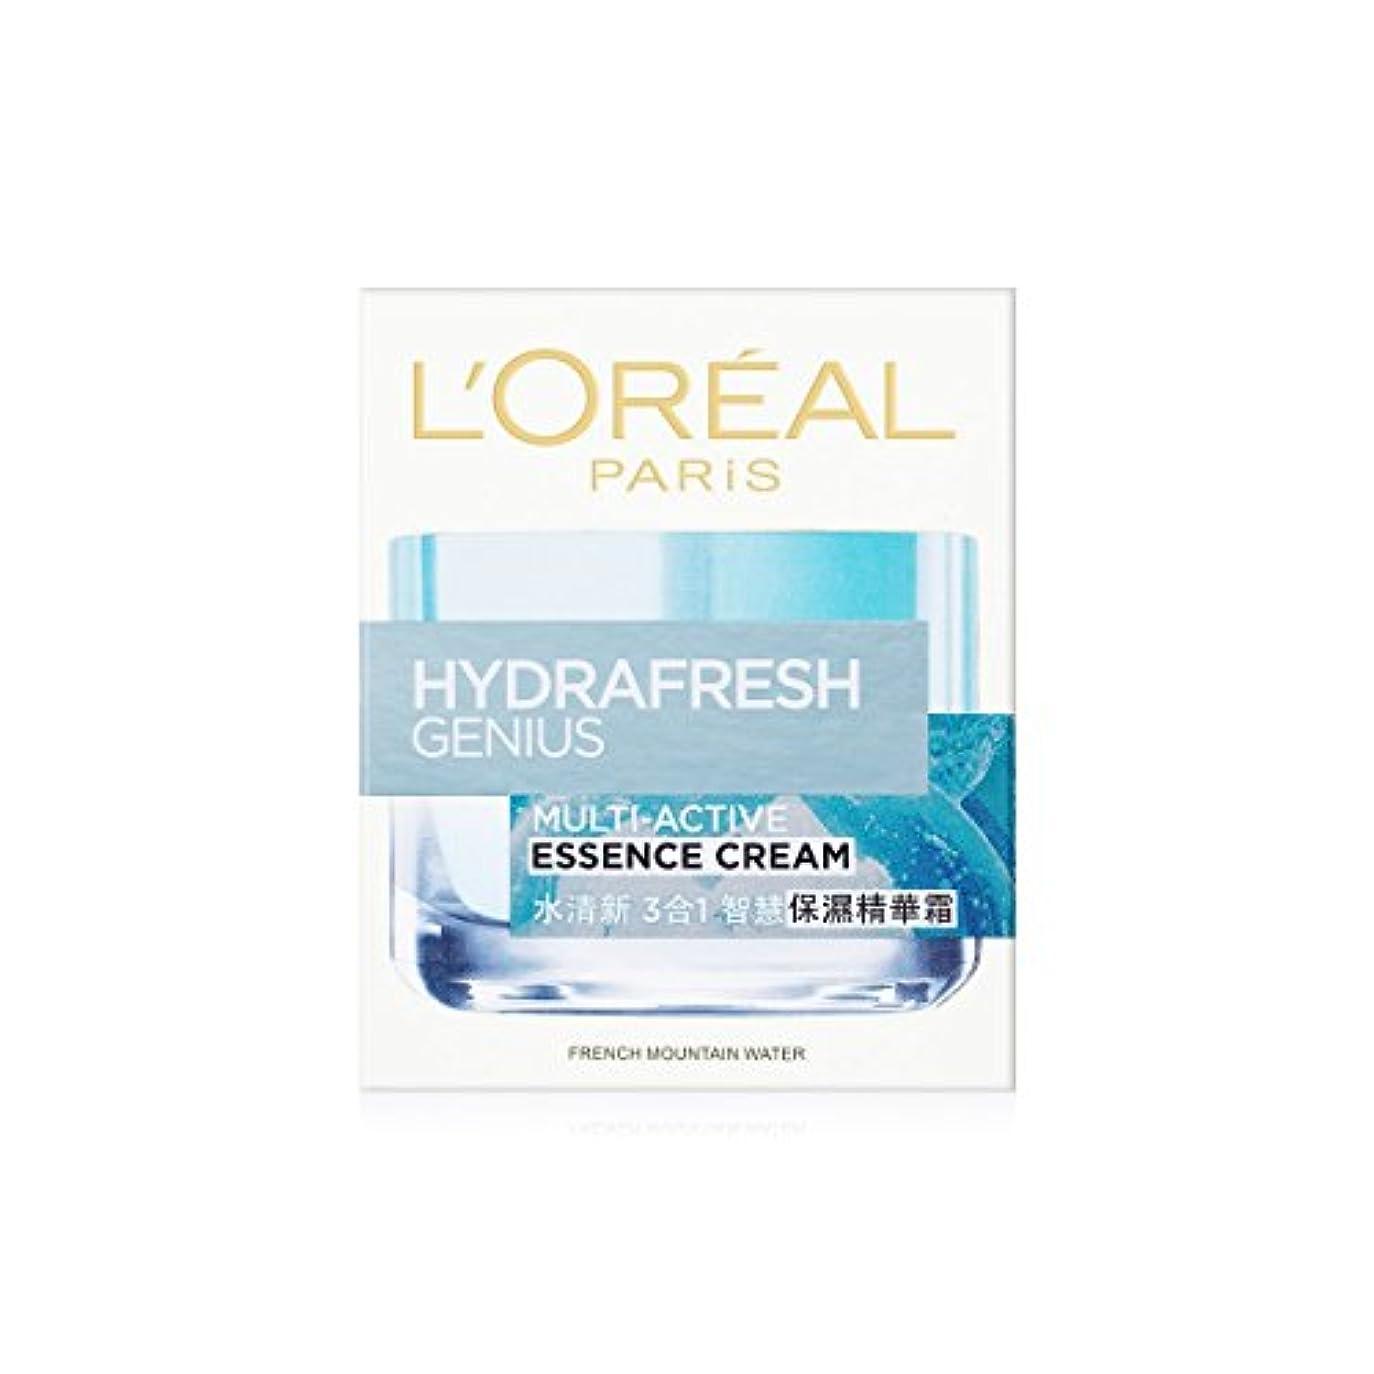 バイソン暖かく割り当てるロレアル Hydrafresh Genius Multi-Active Essence Cream 50ml/1.7oz並行輸入品